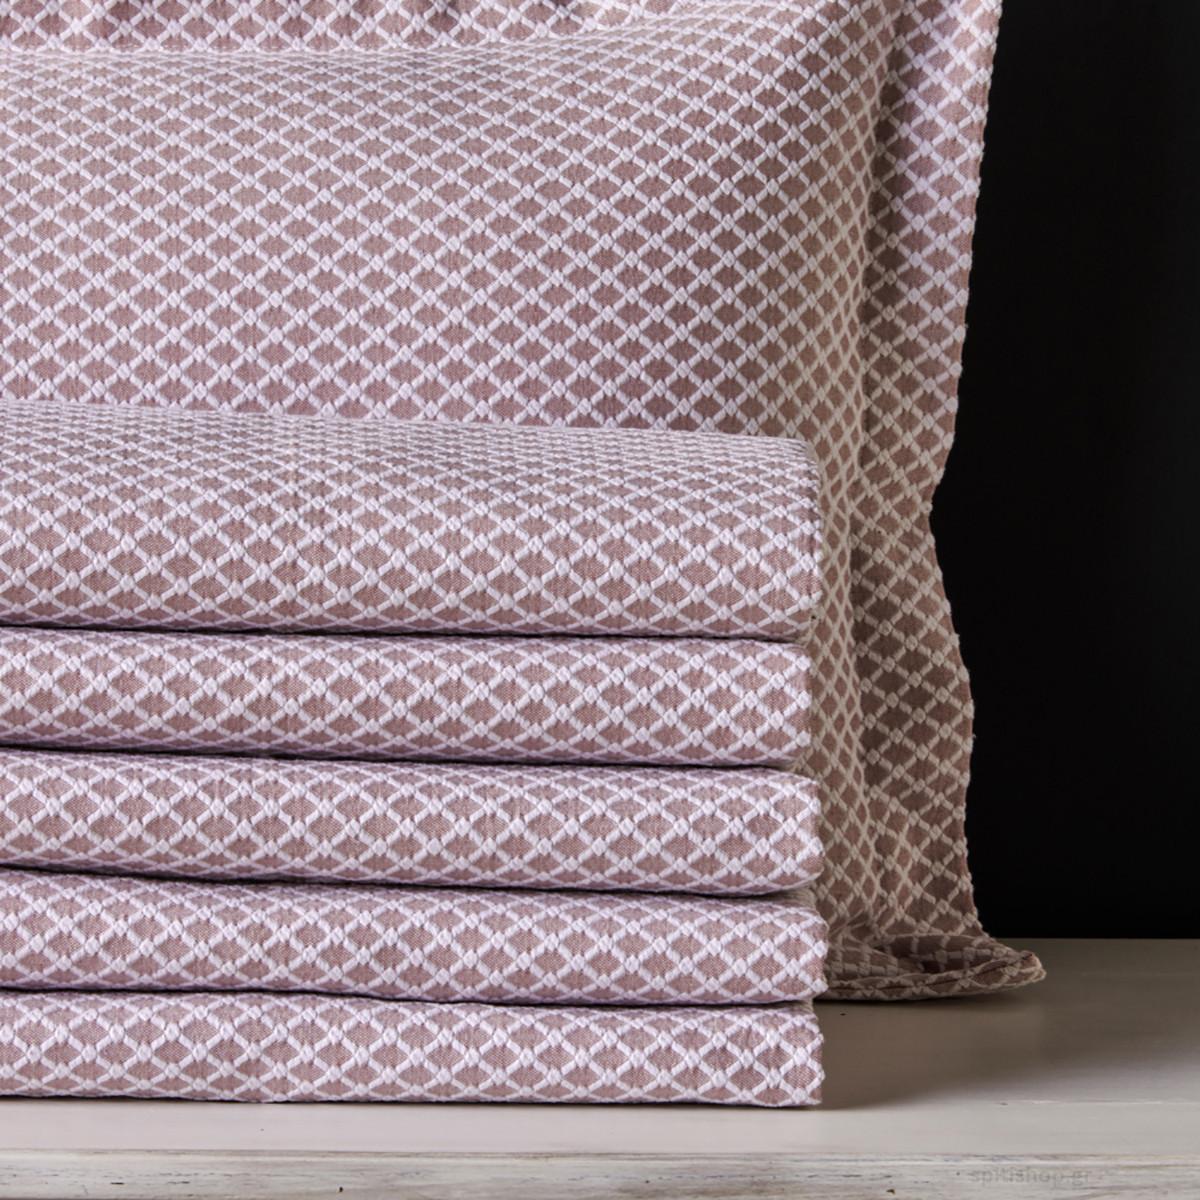 Κουβερτόριο Μονό Kentia Stylish Diamand 14 home   κρεβατοκάμαρα   κουβέρτες   κουβέρτες καλοκαιρινές μονές